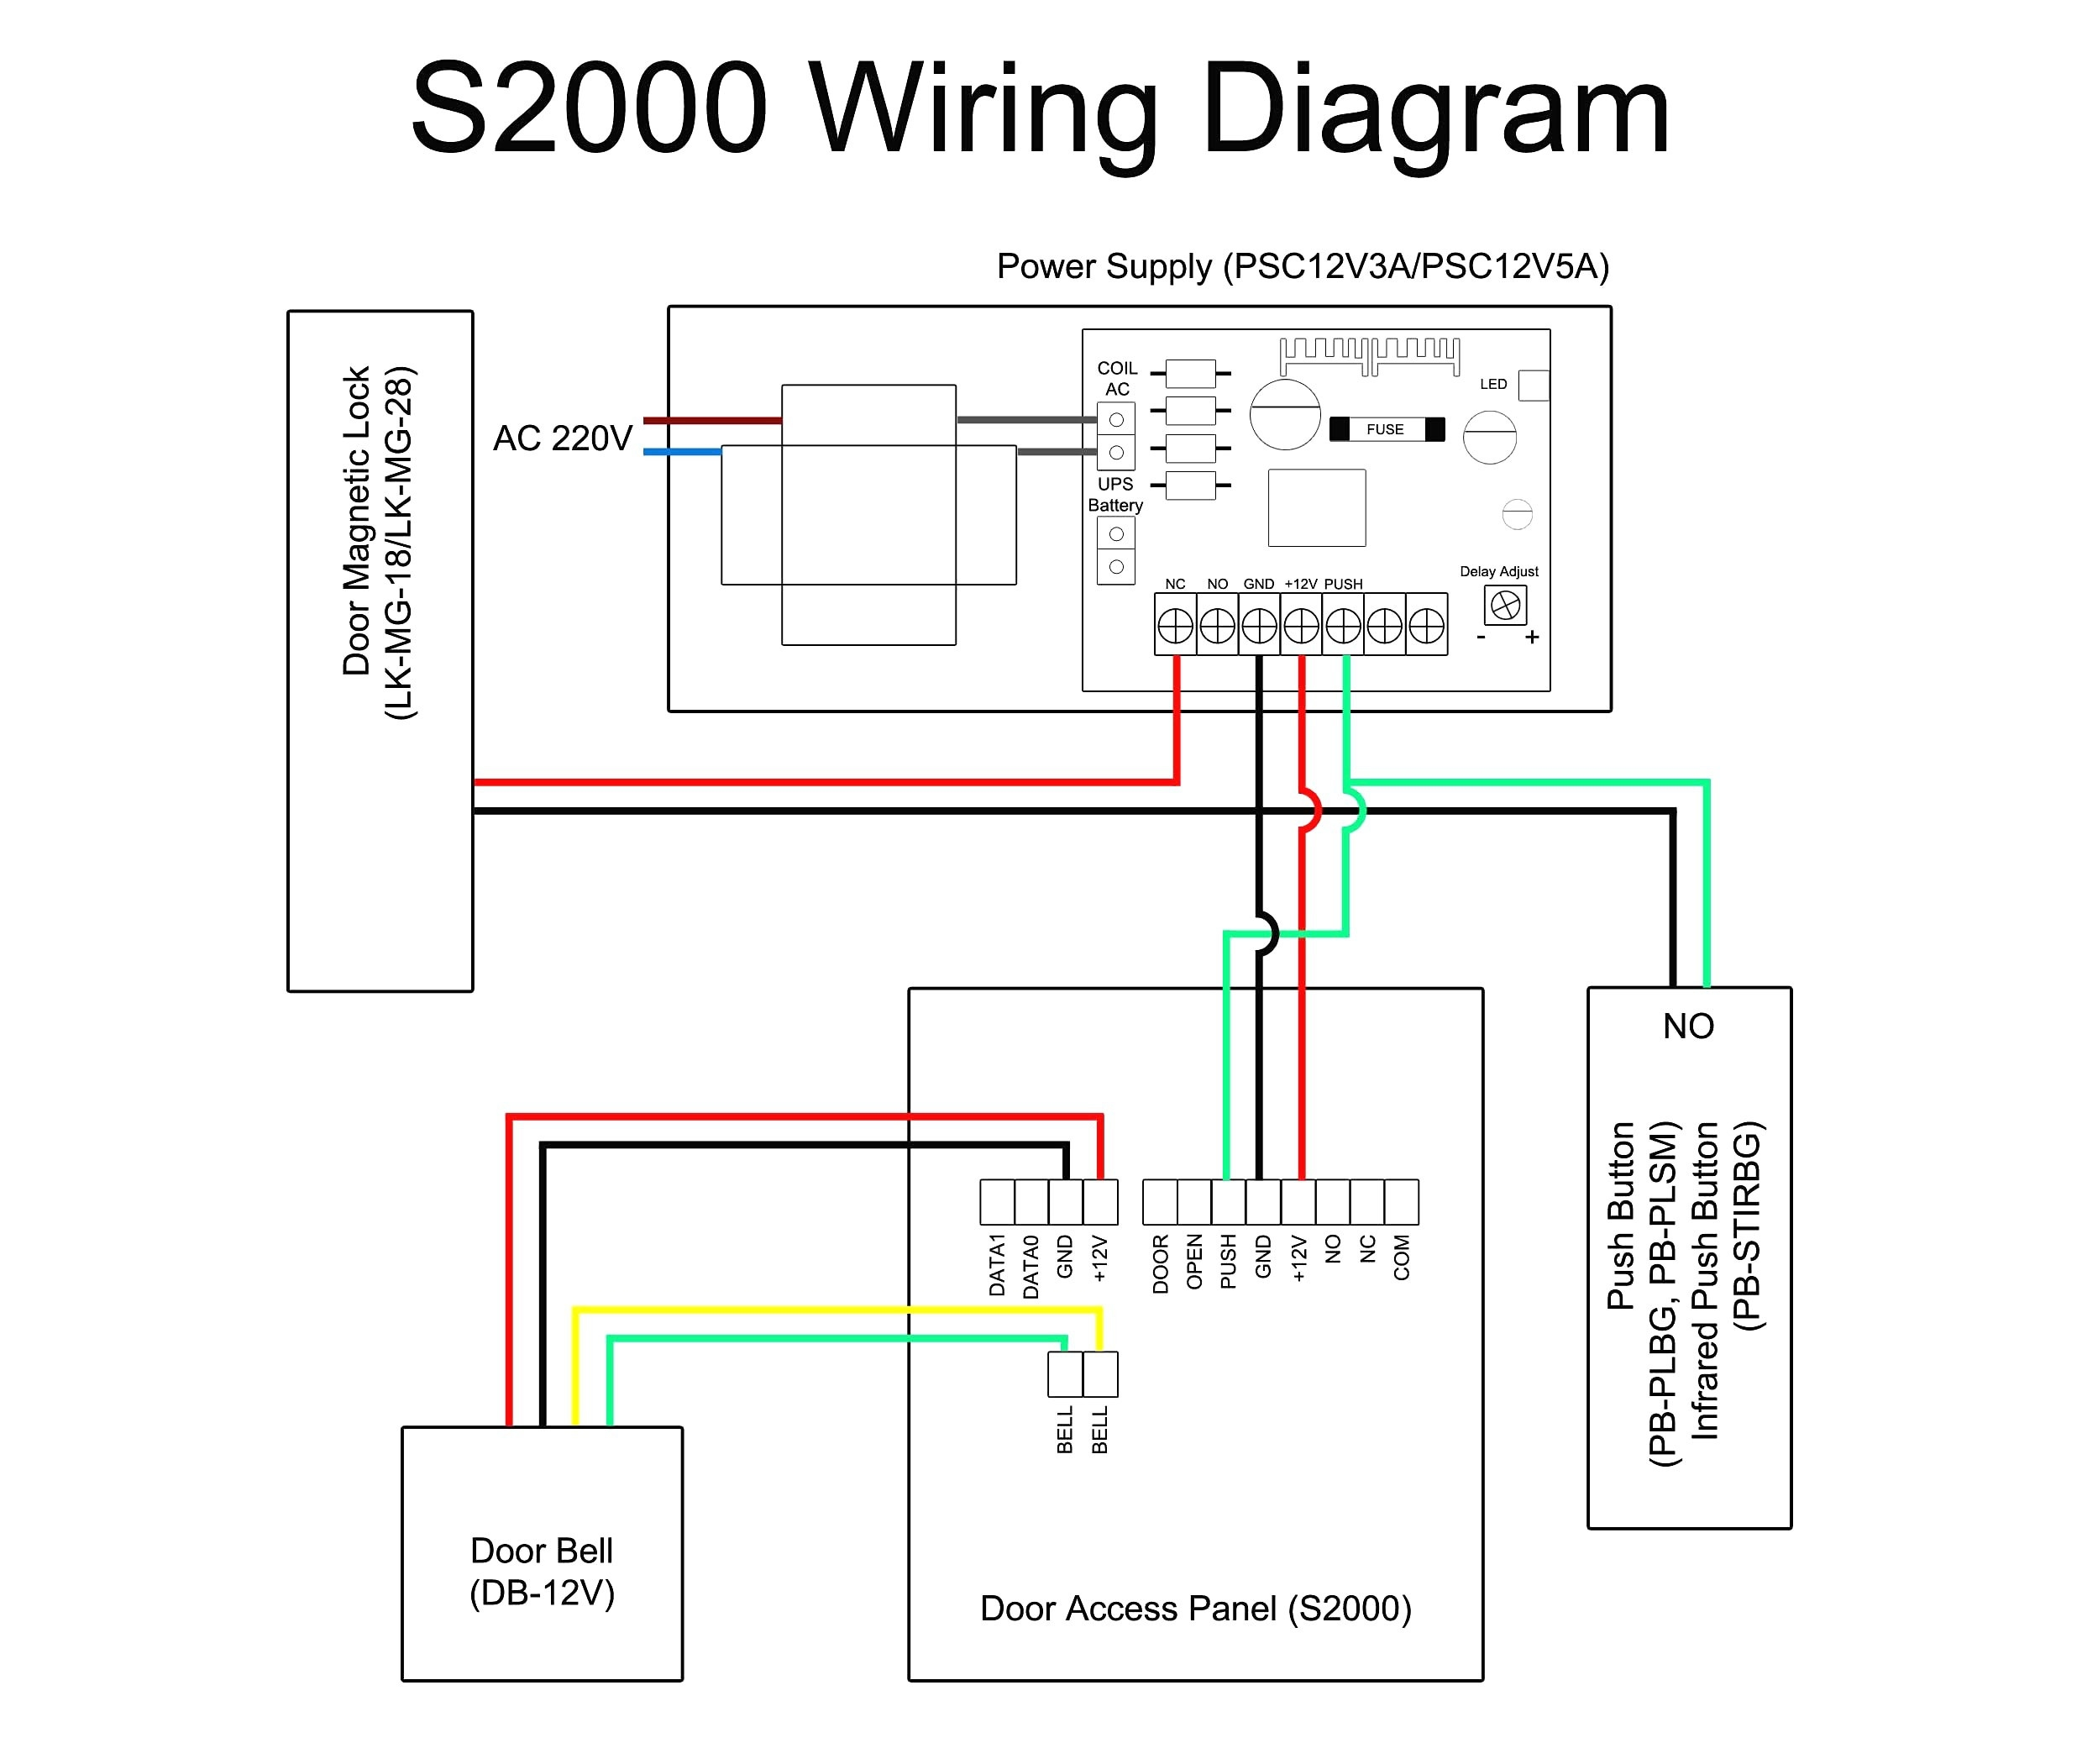 ir camera wiring diagram wiring diagrampelco wiring diagram wiring diagrams fj ir